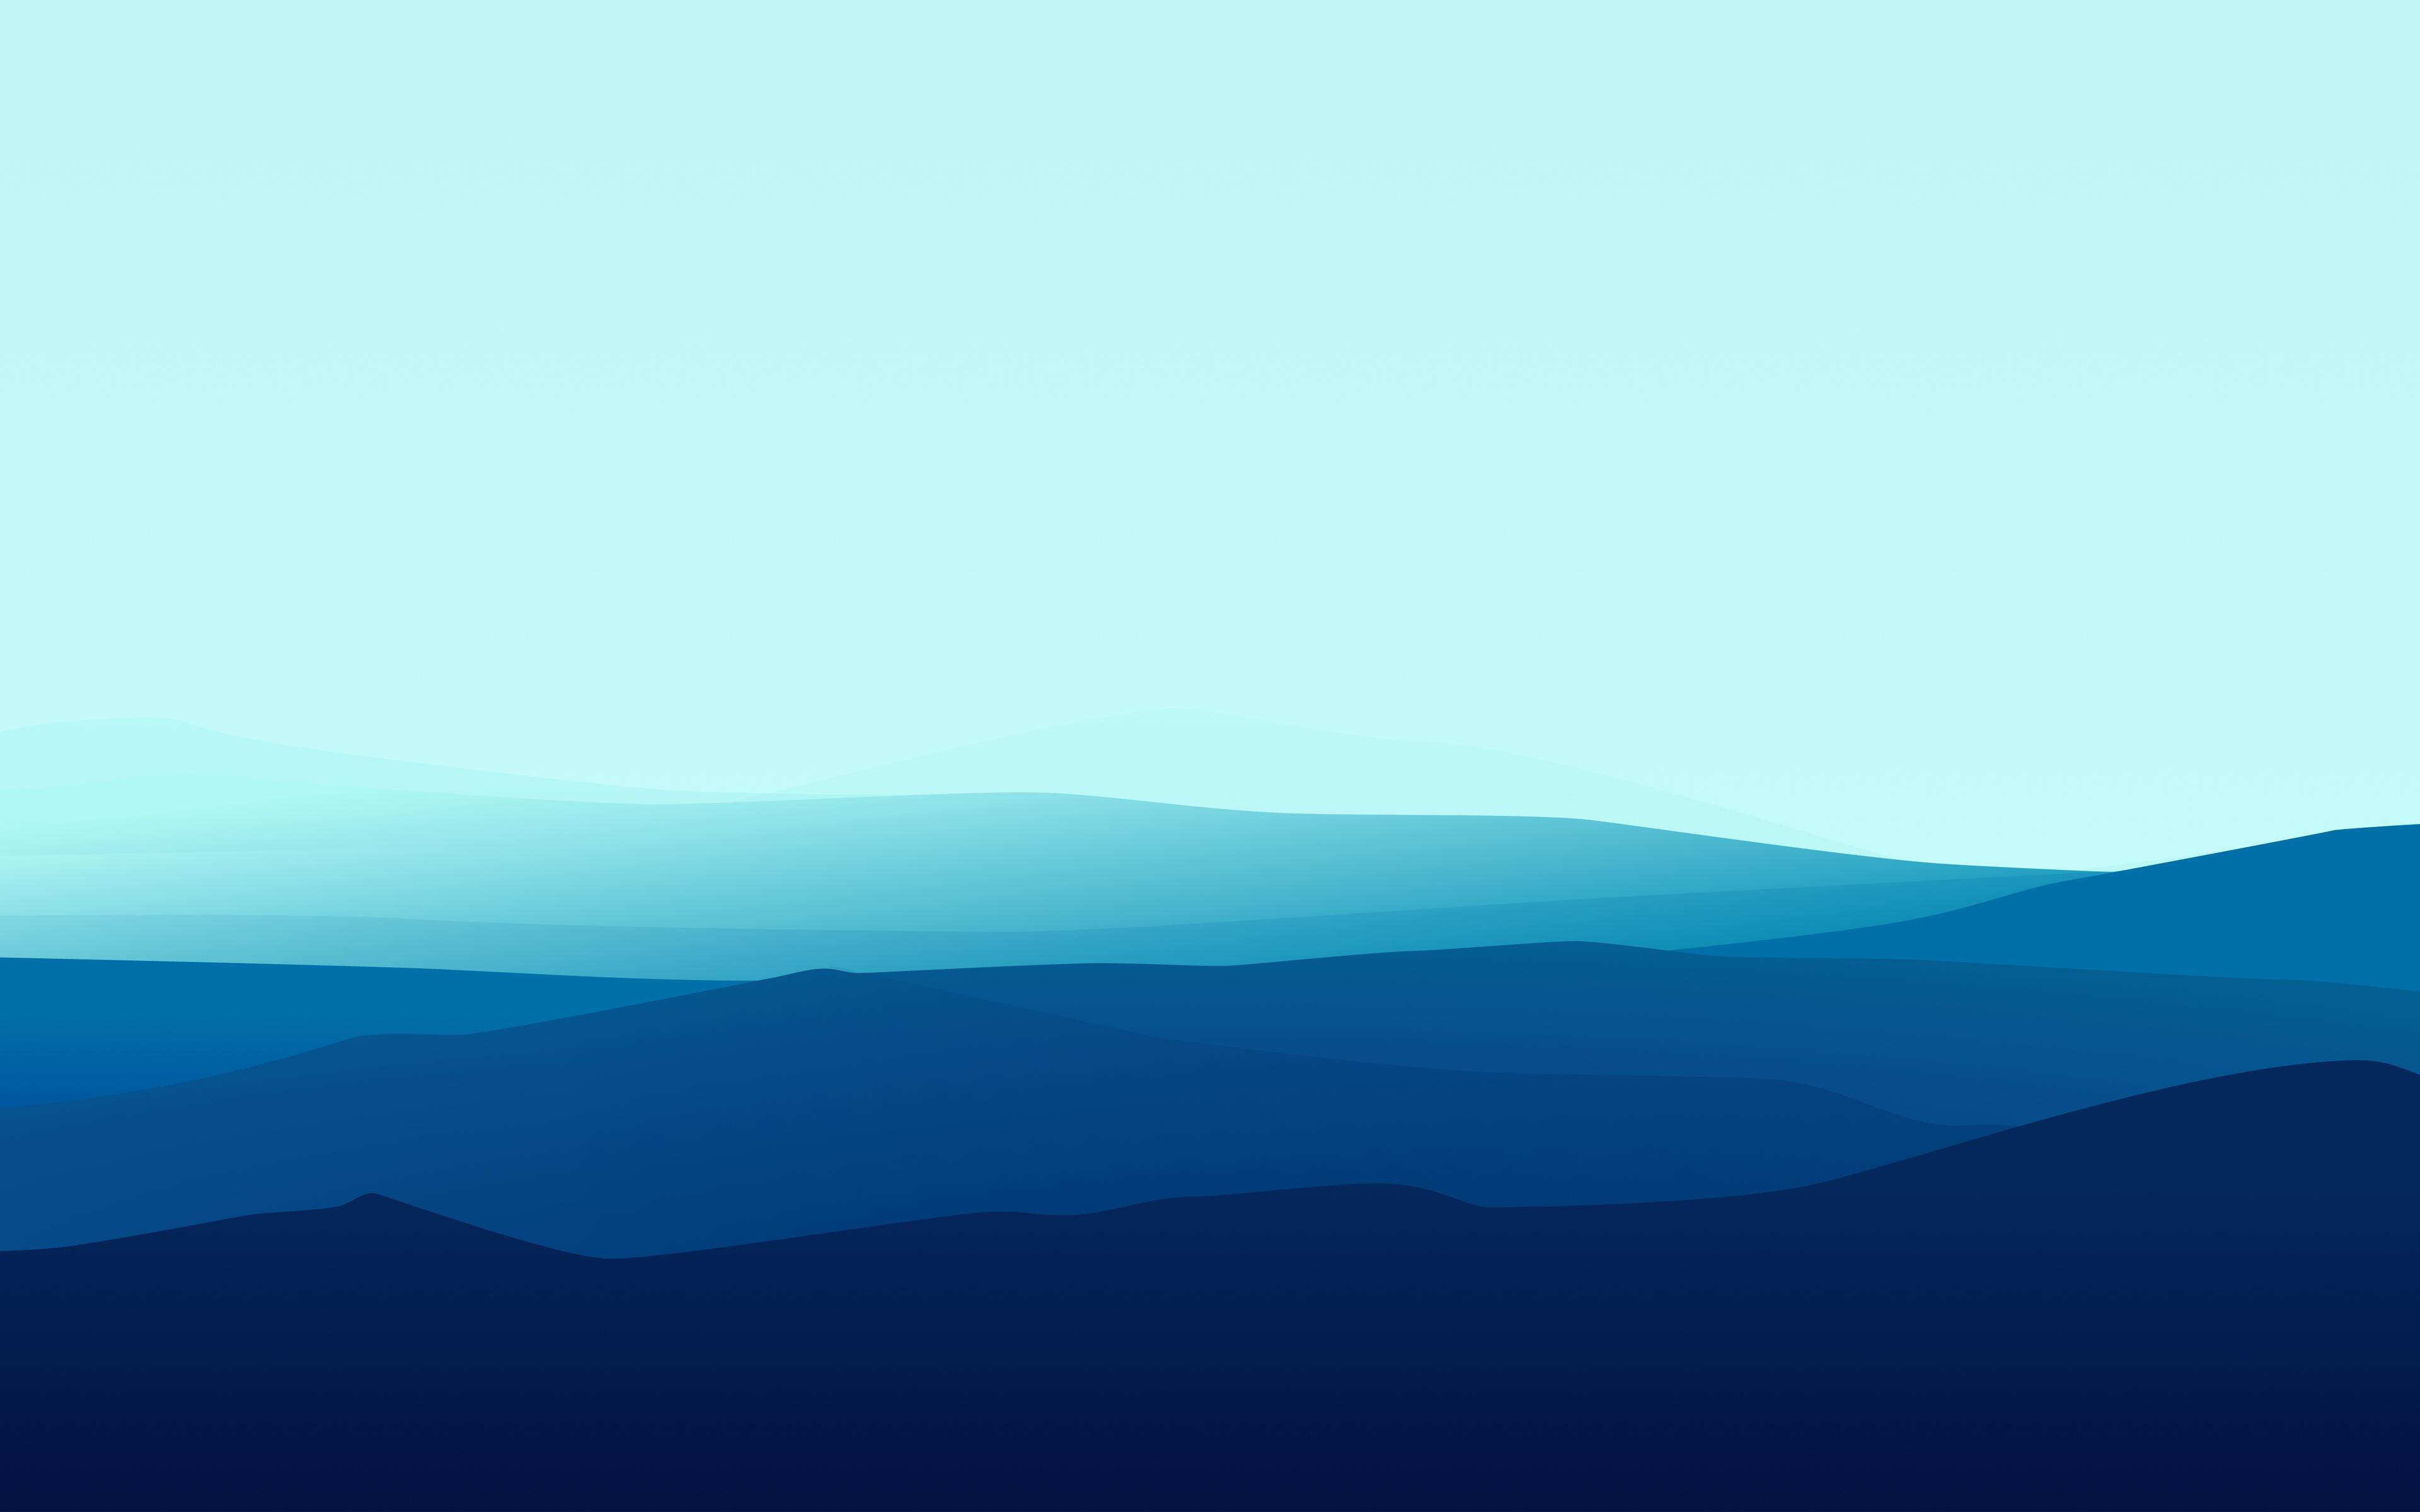 Минимальные голубые горы обои скачать